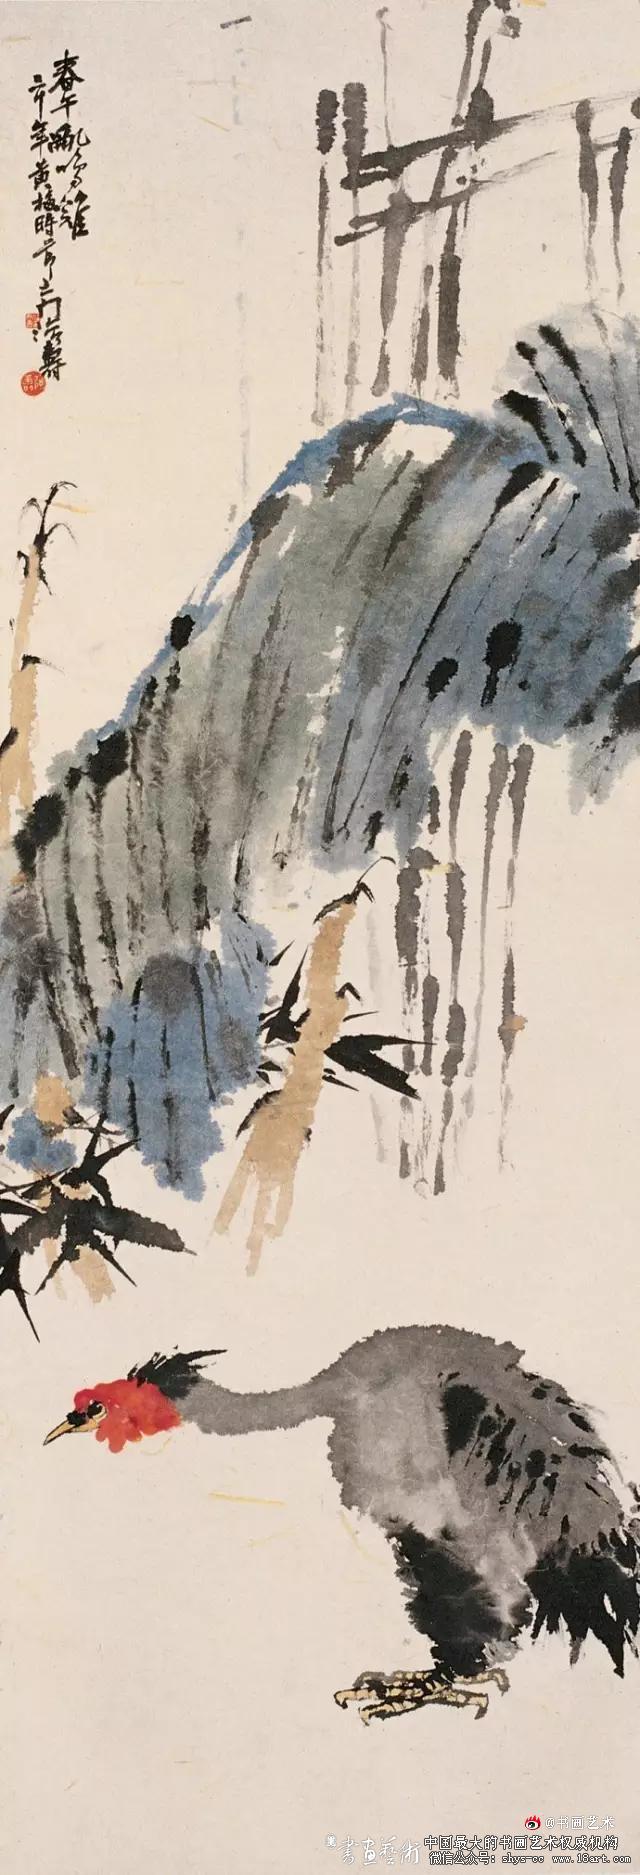 潘天寿 1941年作 春午乱鸣鸡122.5×41cm